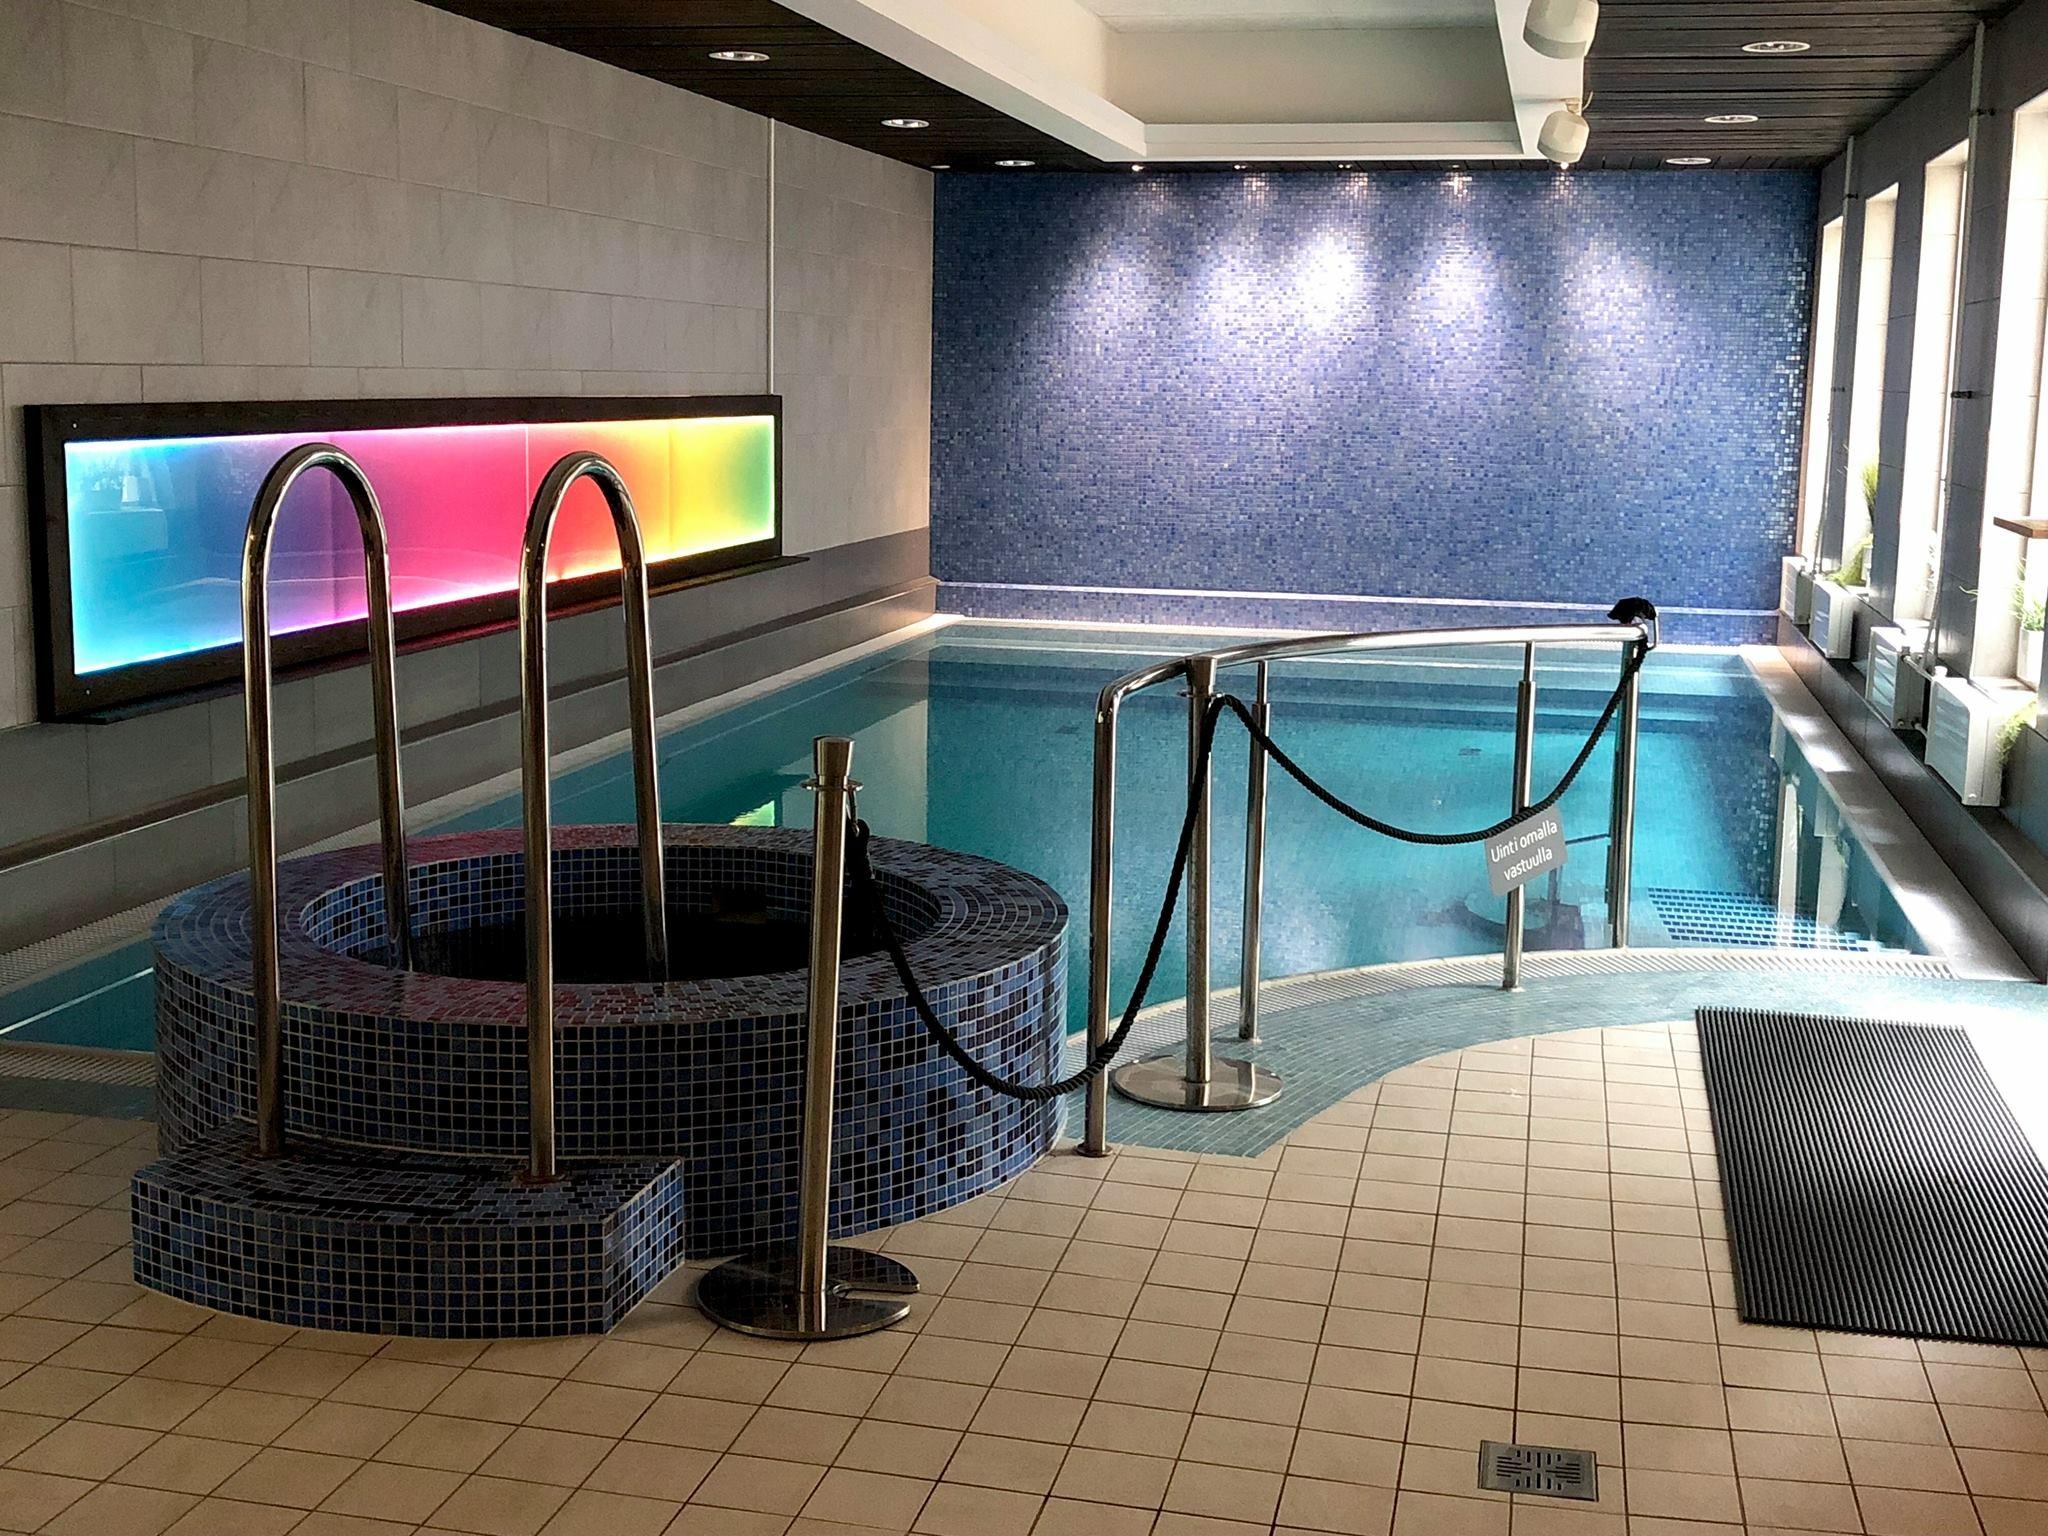 AurinkopihaSpa /Hyvinvointikeidas keskellä Espoota, Sellon välittömässä läheisyydessä. Kuntosali ja ohjatut tunnit. Tunnelmalliset sauna- ja allastilat. Visuaalinen muutos